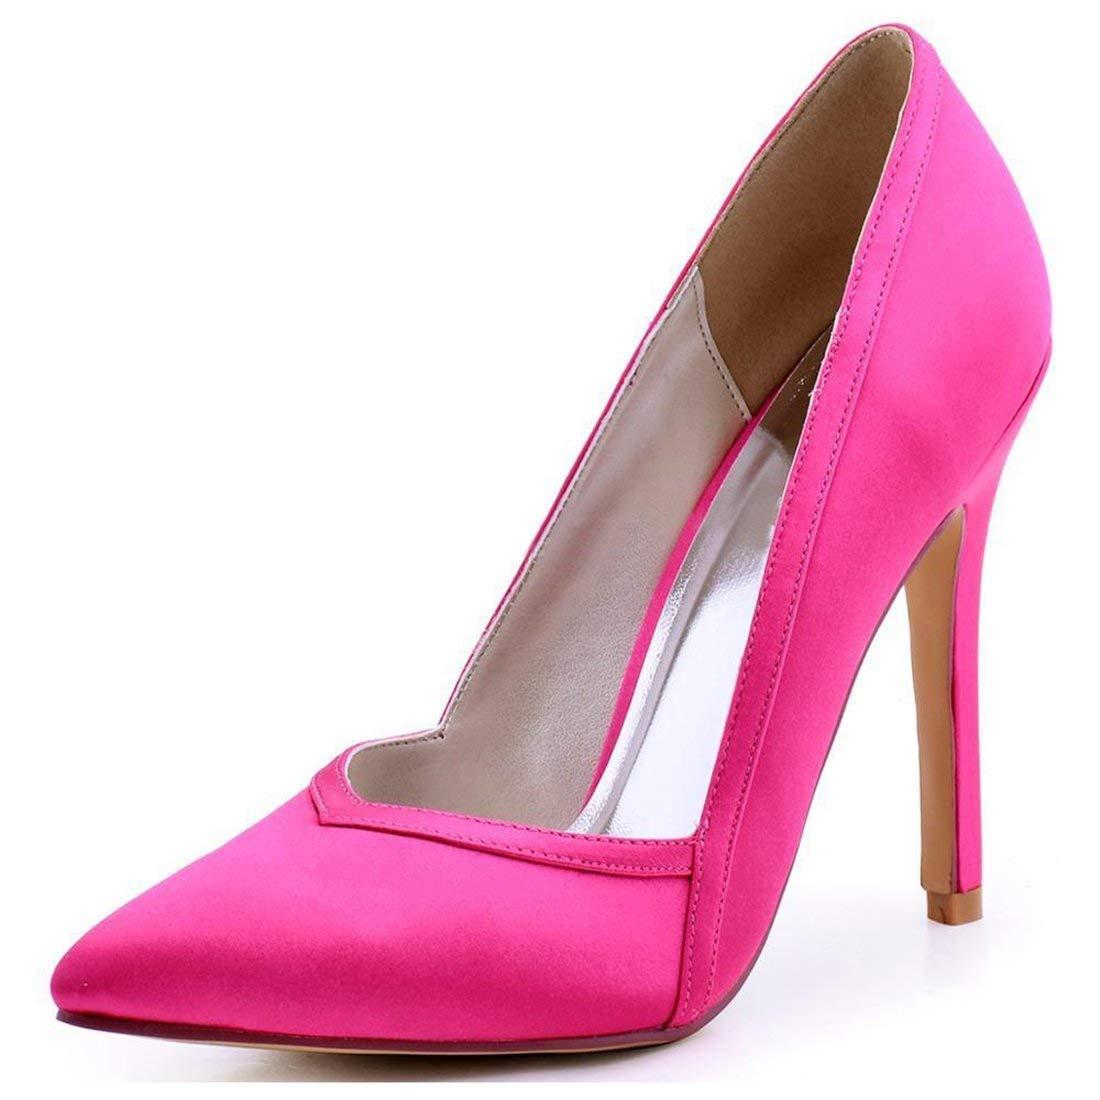 Damen Spitz Stiletto High Heel Lila Satin Hochzeit Abend Pumps UK 6 (Farbe   -, Größe   -)